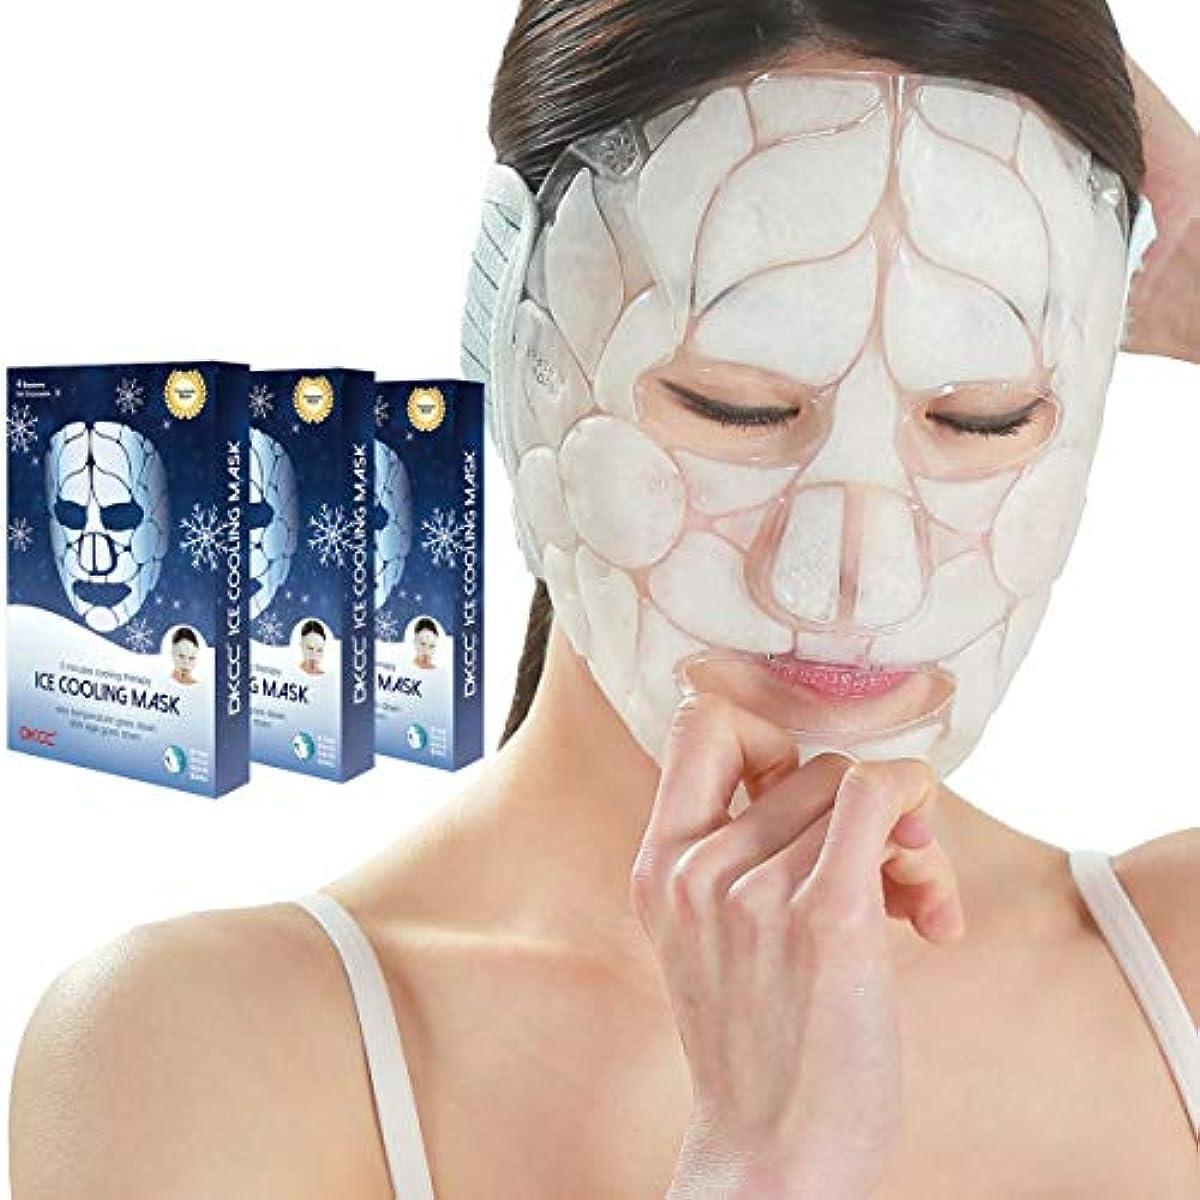 神経障害正確な再生DKCC アイスクーリングマスク